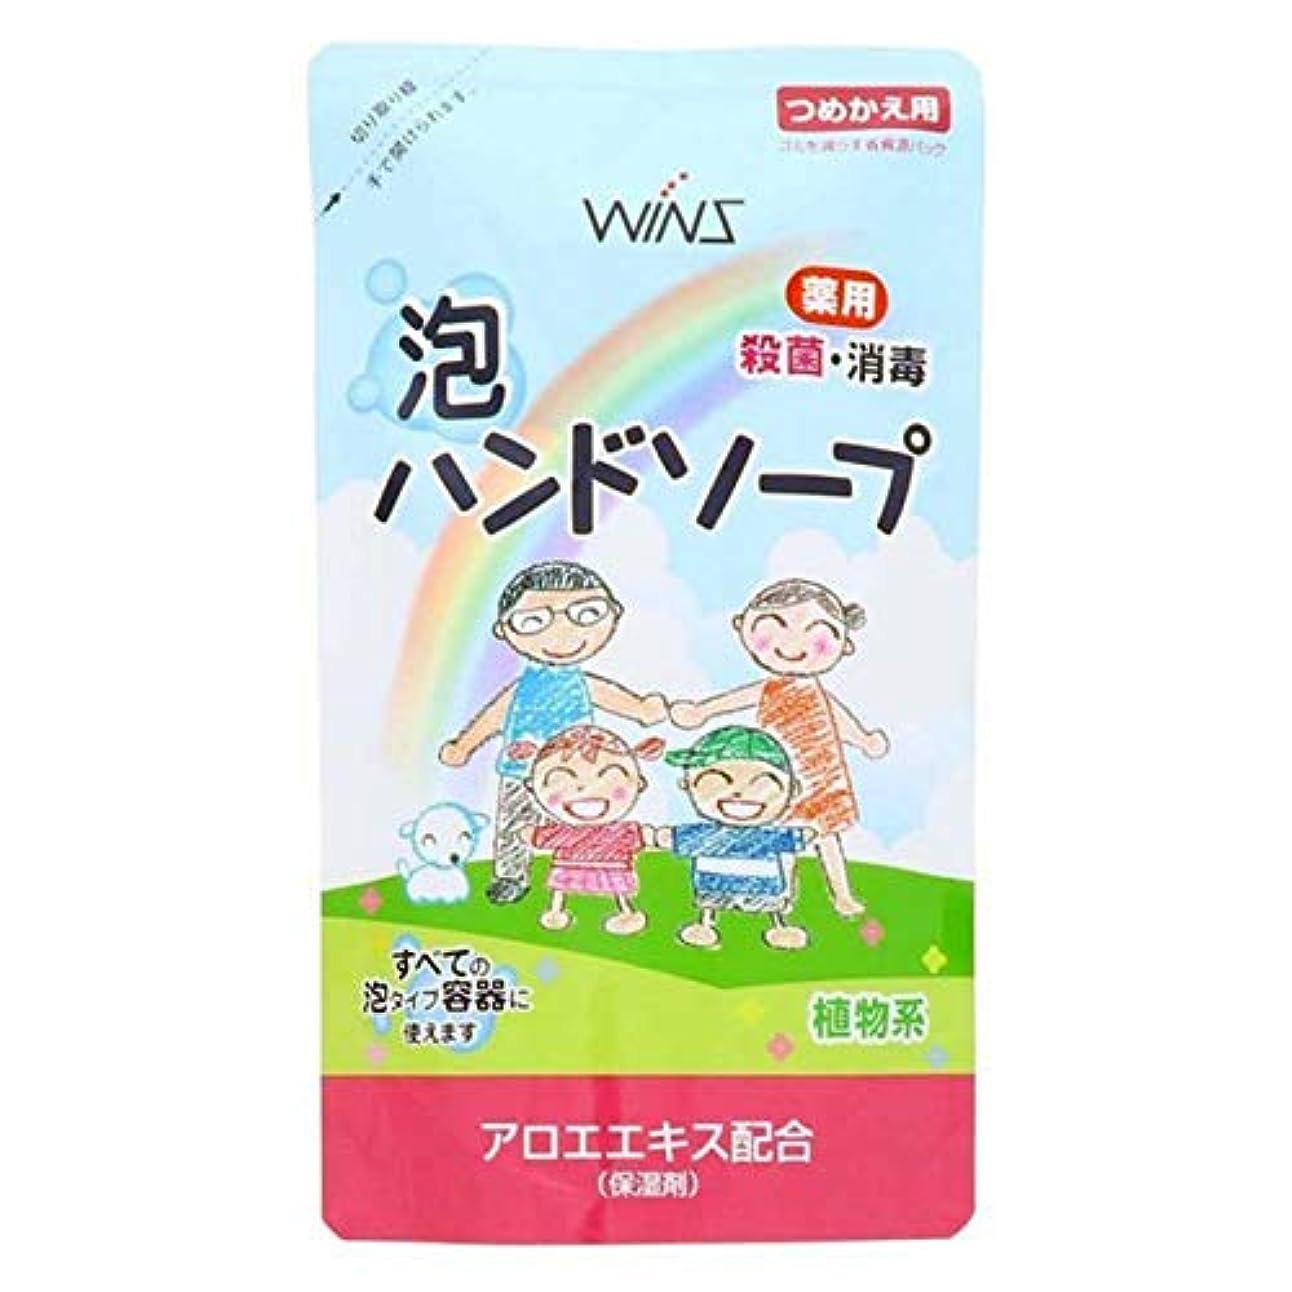 今キウイ振り返るウインズ 薬用泡ハンドソープ 詰替 200mL 日本合成洗剤